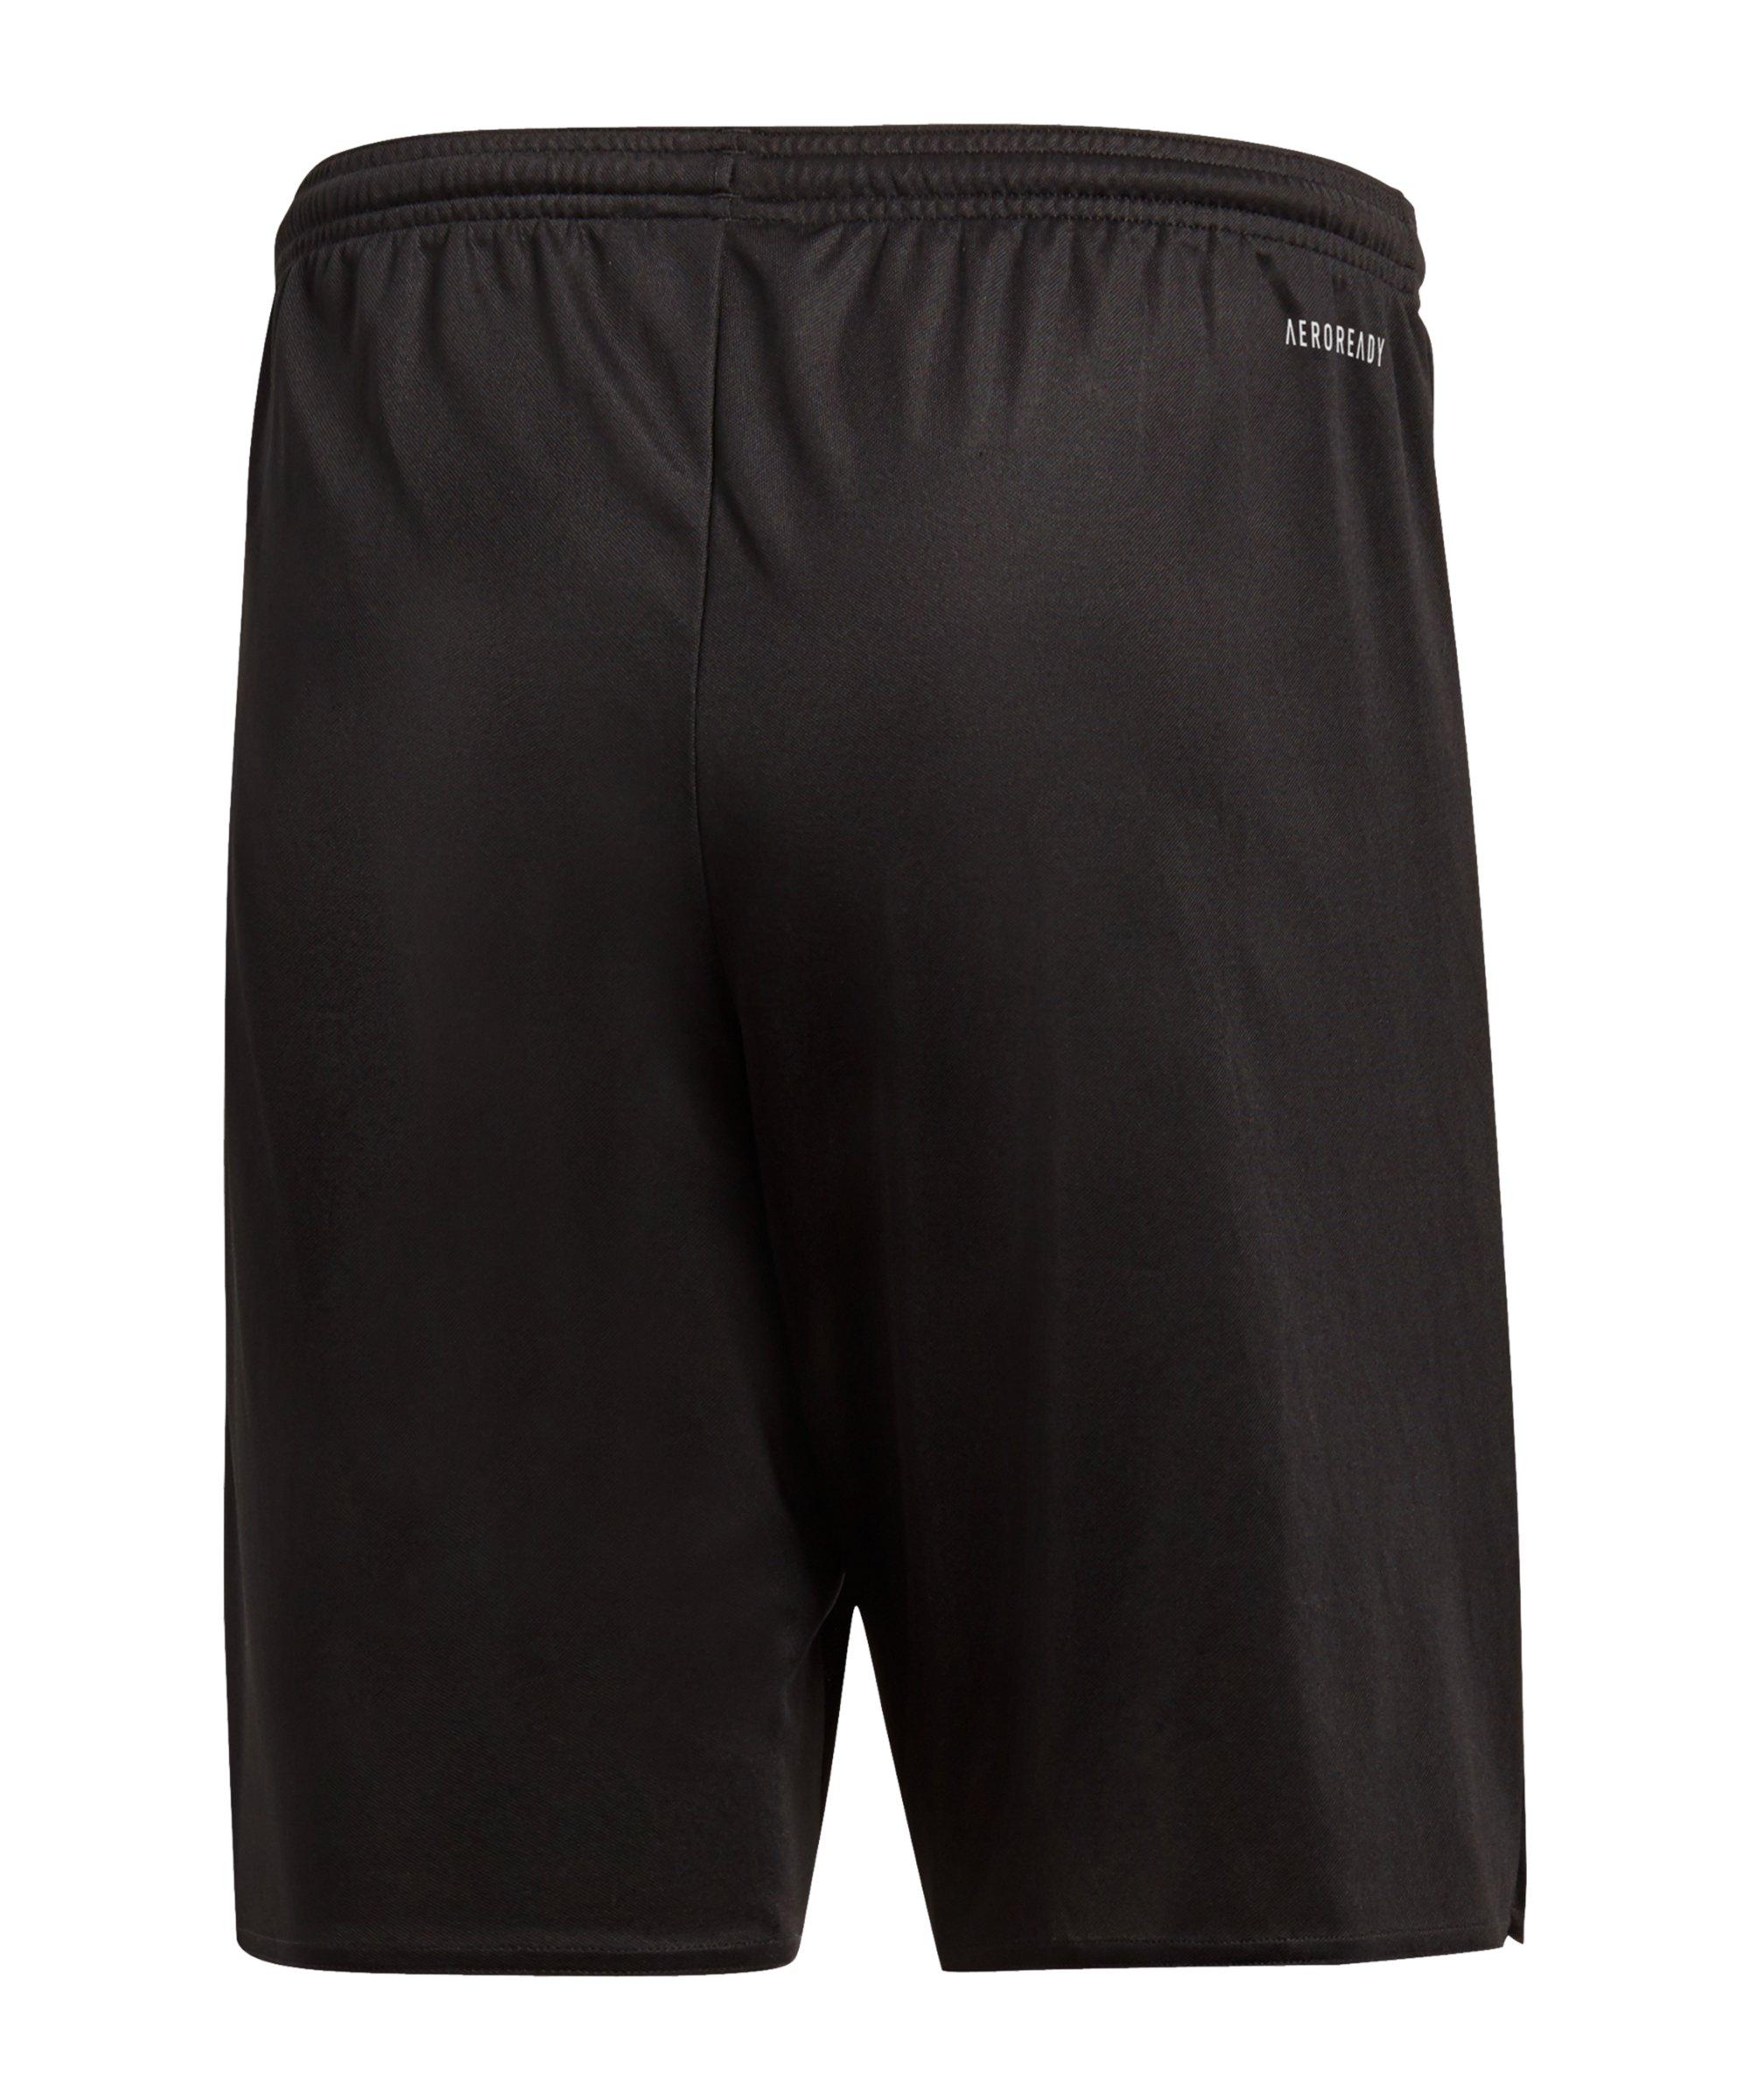 ... adidas Parma 16 Short ohne Innenslip Kids Schwarz - schwarz ... b4651b49b4